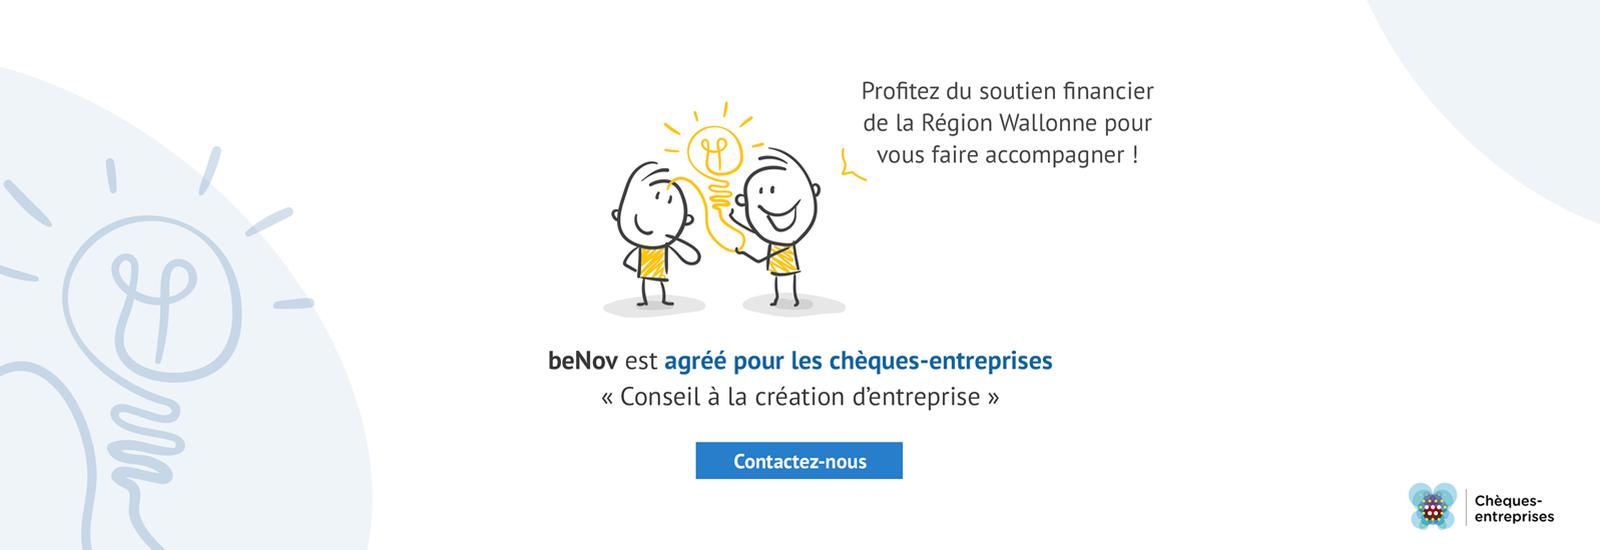 beNov - Sébastien Legrain | Chèques-entreprises - Conseil à la création d'entreprise